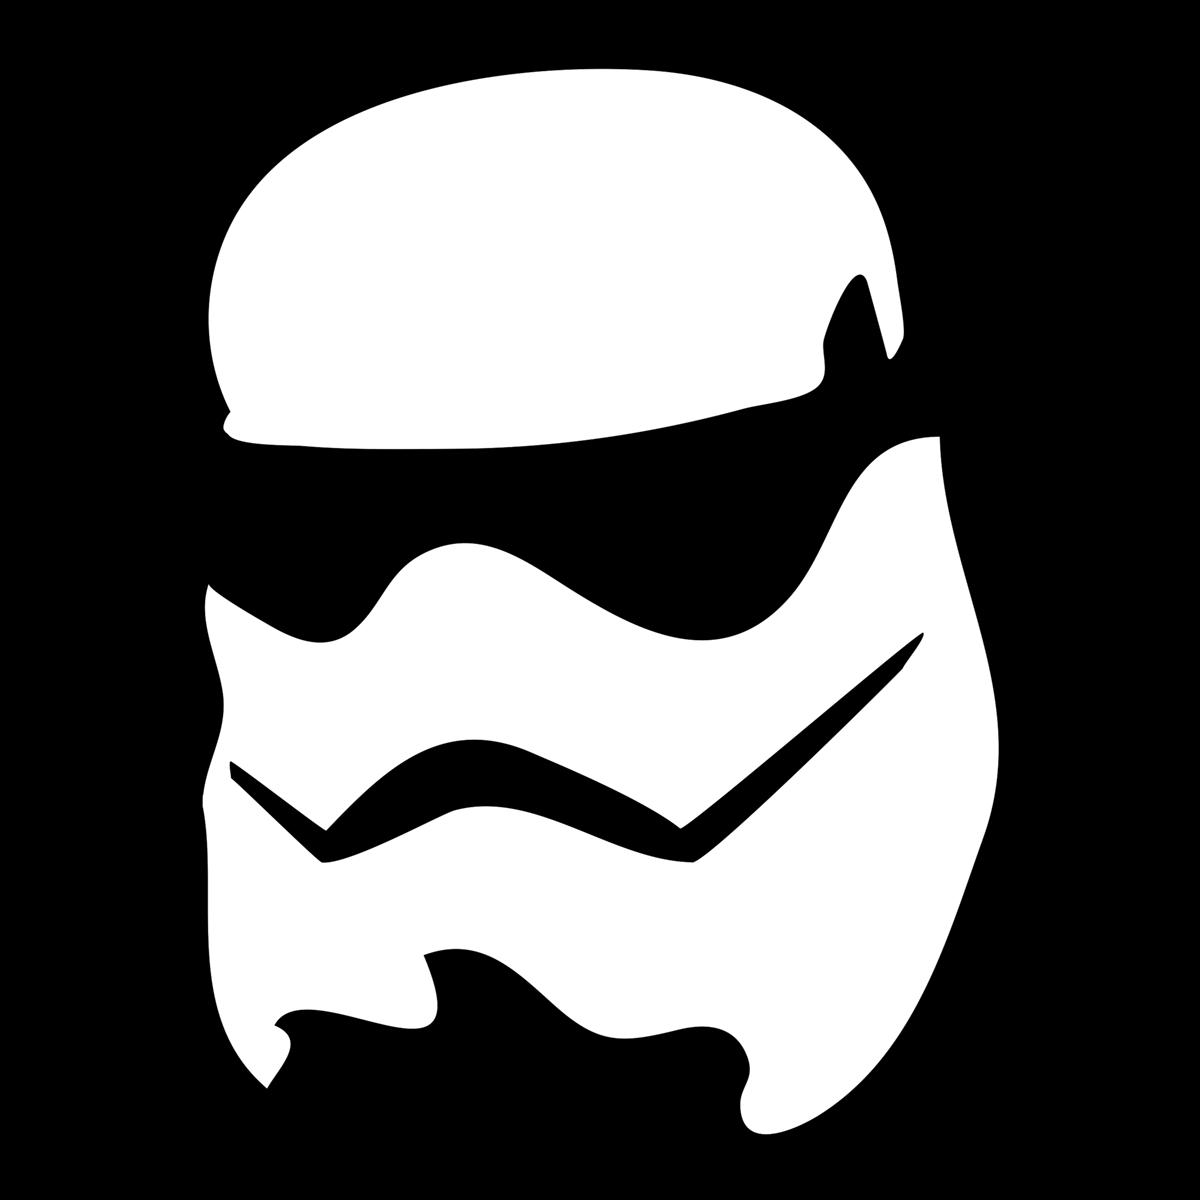 Plotterdatei für Star Wars Stormtrooper Fans